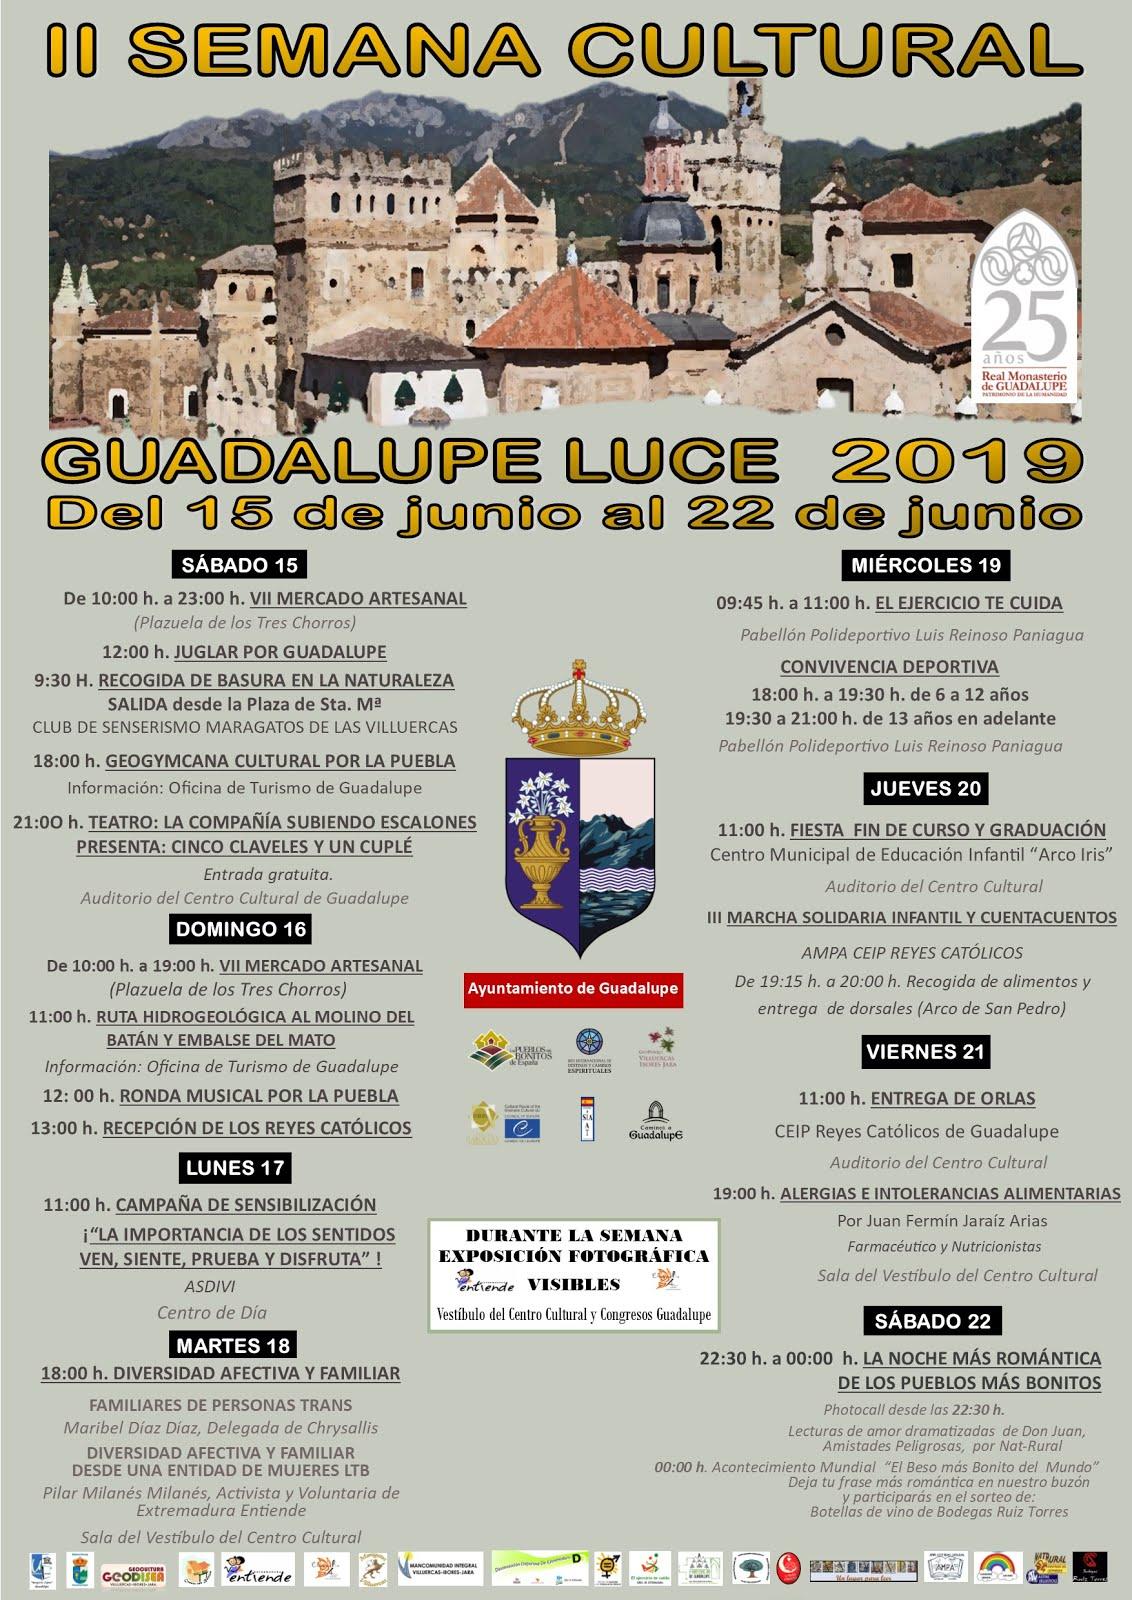 II Semana cultural Guadalupe Luce